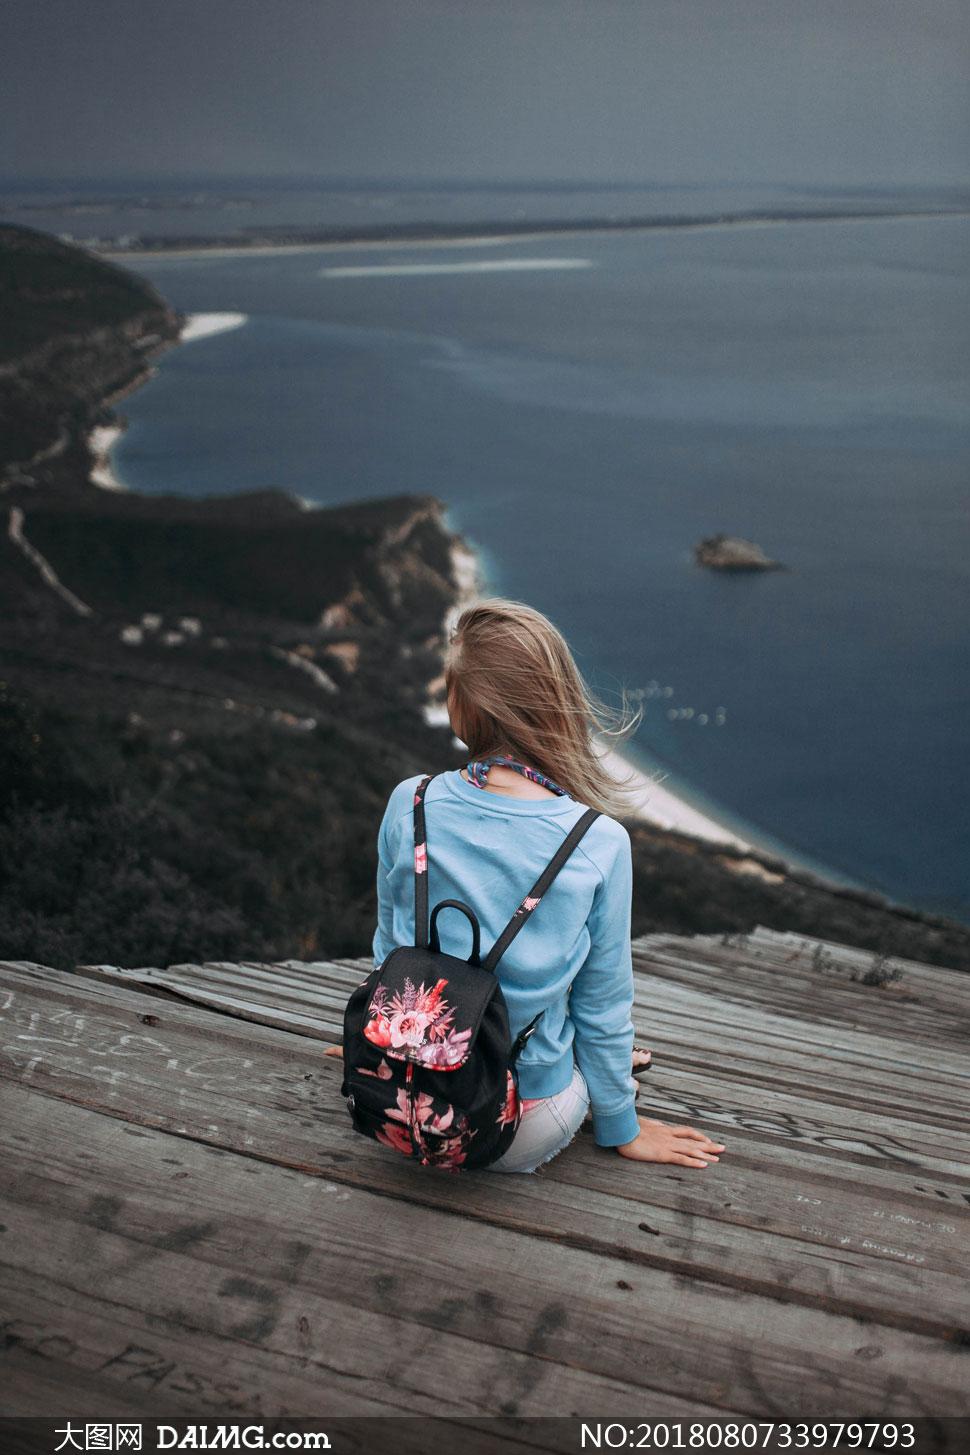 坐在海边台阶上的美女人物高清图片